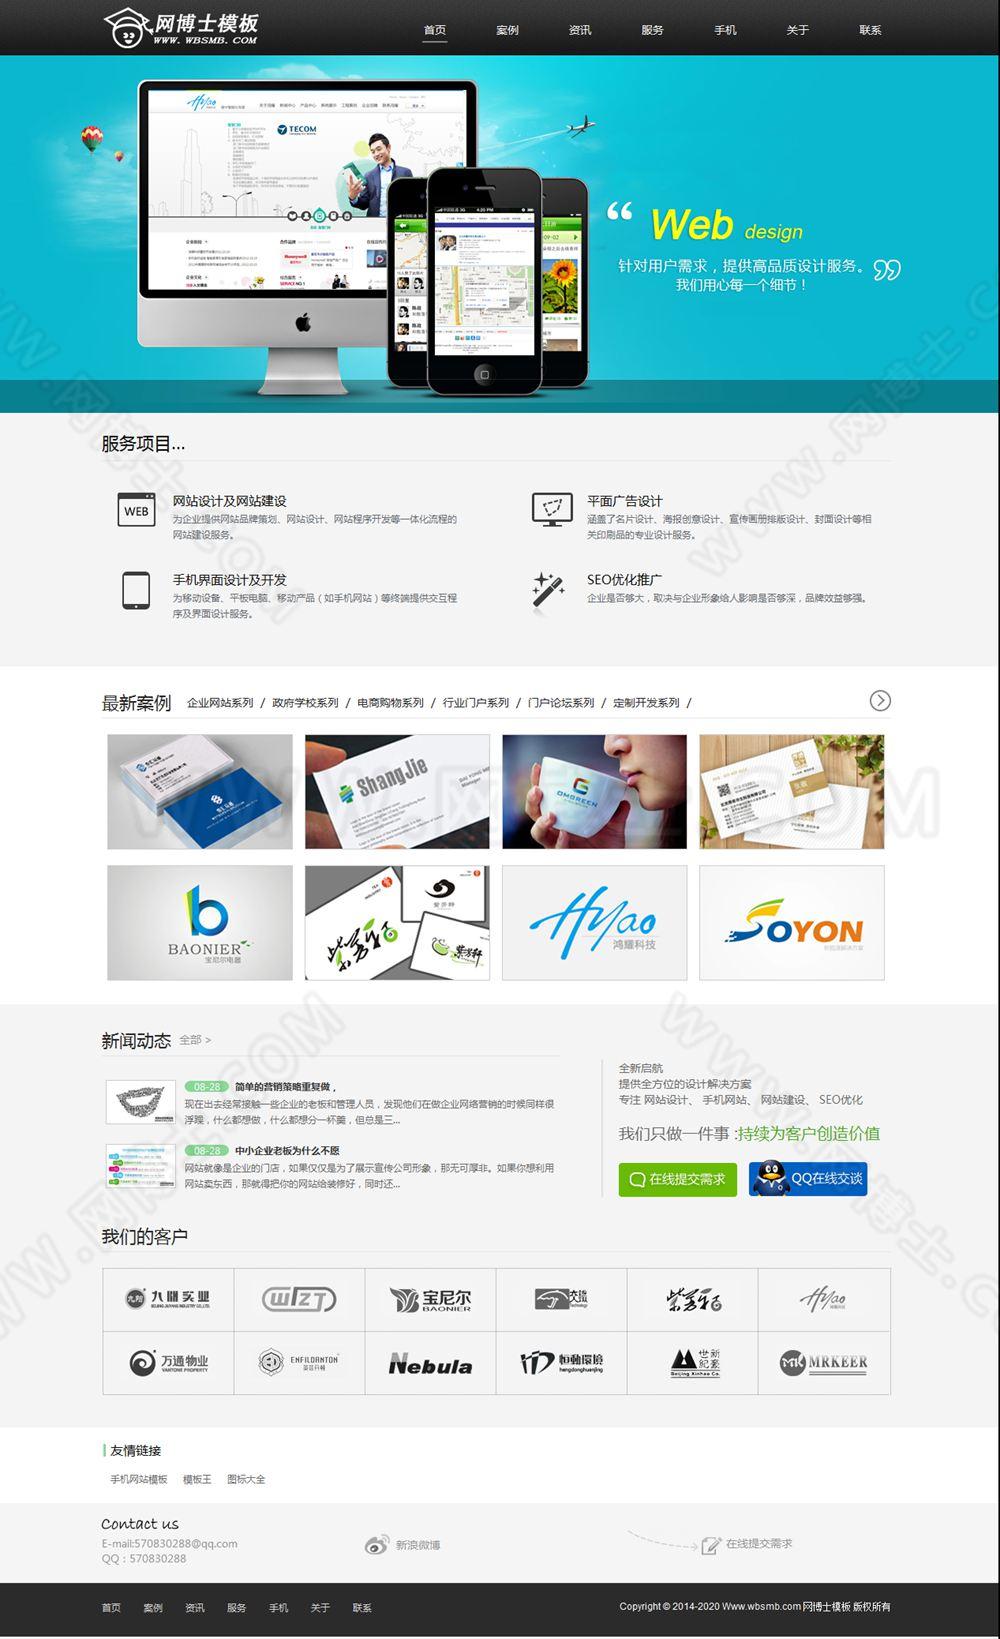 HTML5网络设计公司整站模板